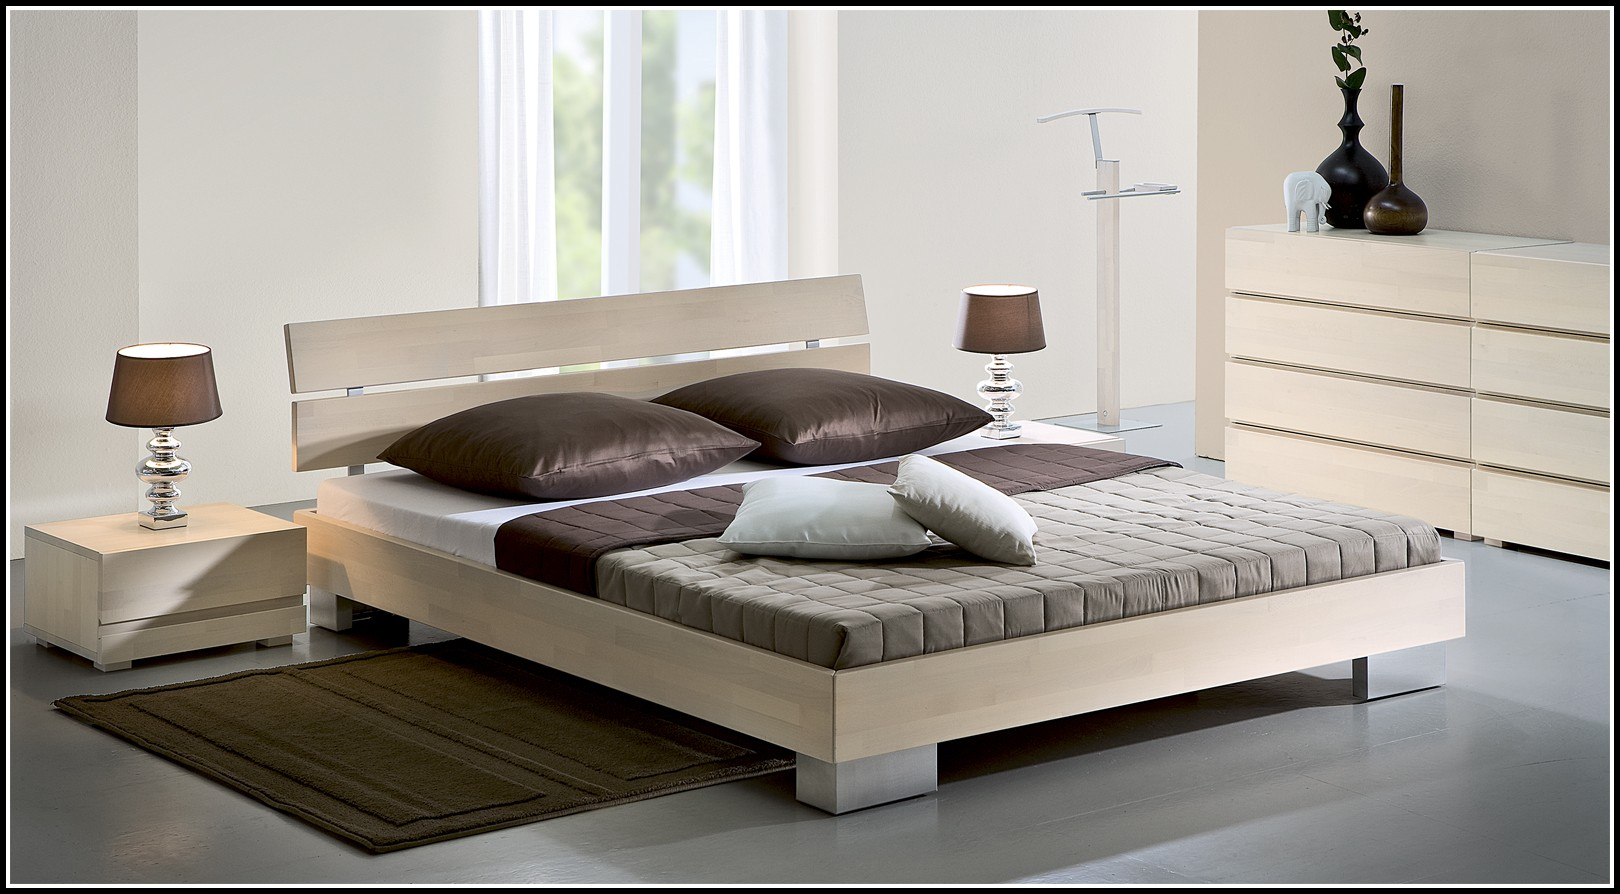 bett ohne rahmen 90x200 betten house und dekor galerie. Black Bedroom Furniture Sets. Home Design Ideas